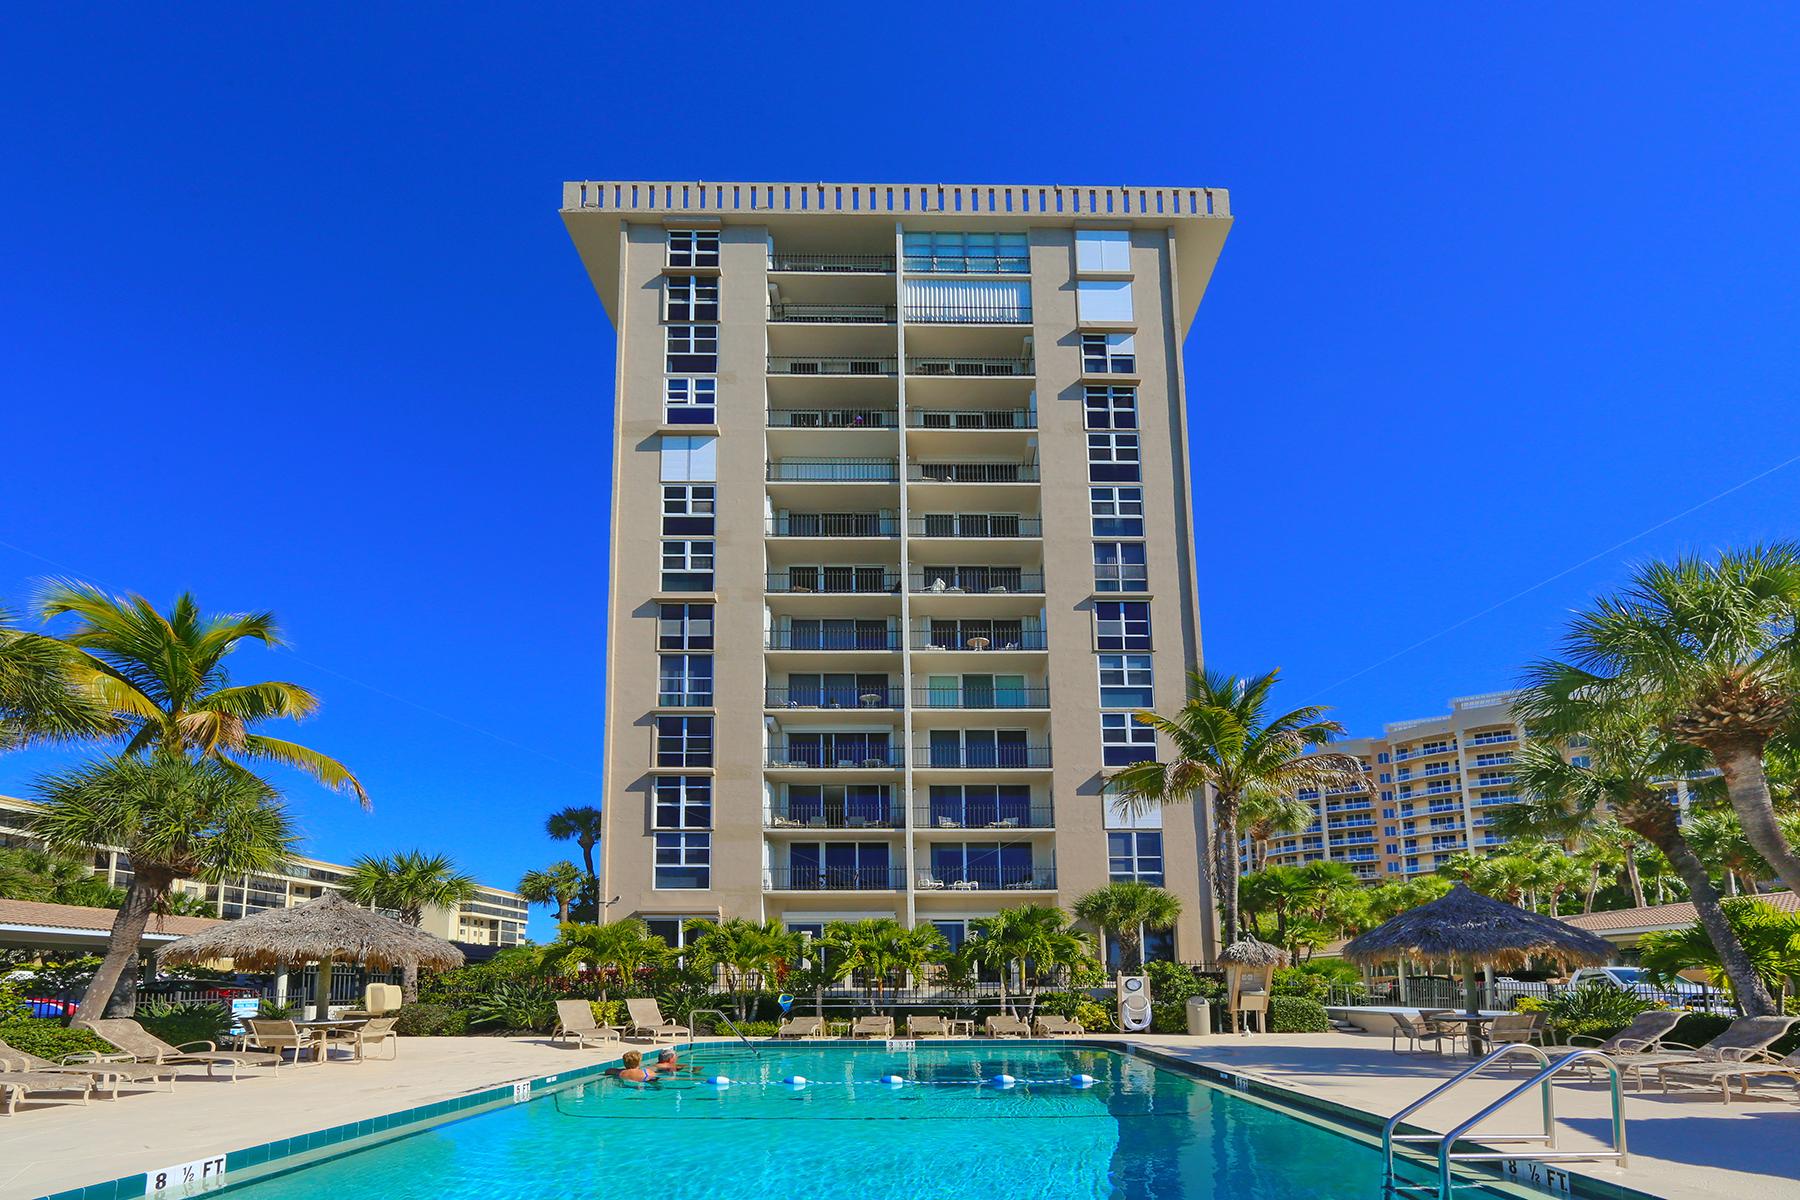 콘도미니엄 용 매매 에 SARASOTA 1212 Benjamin Franklin Dr 703 Sarasota, 플로리다, 34236 미국